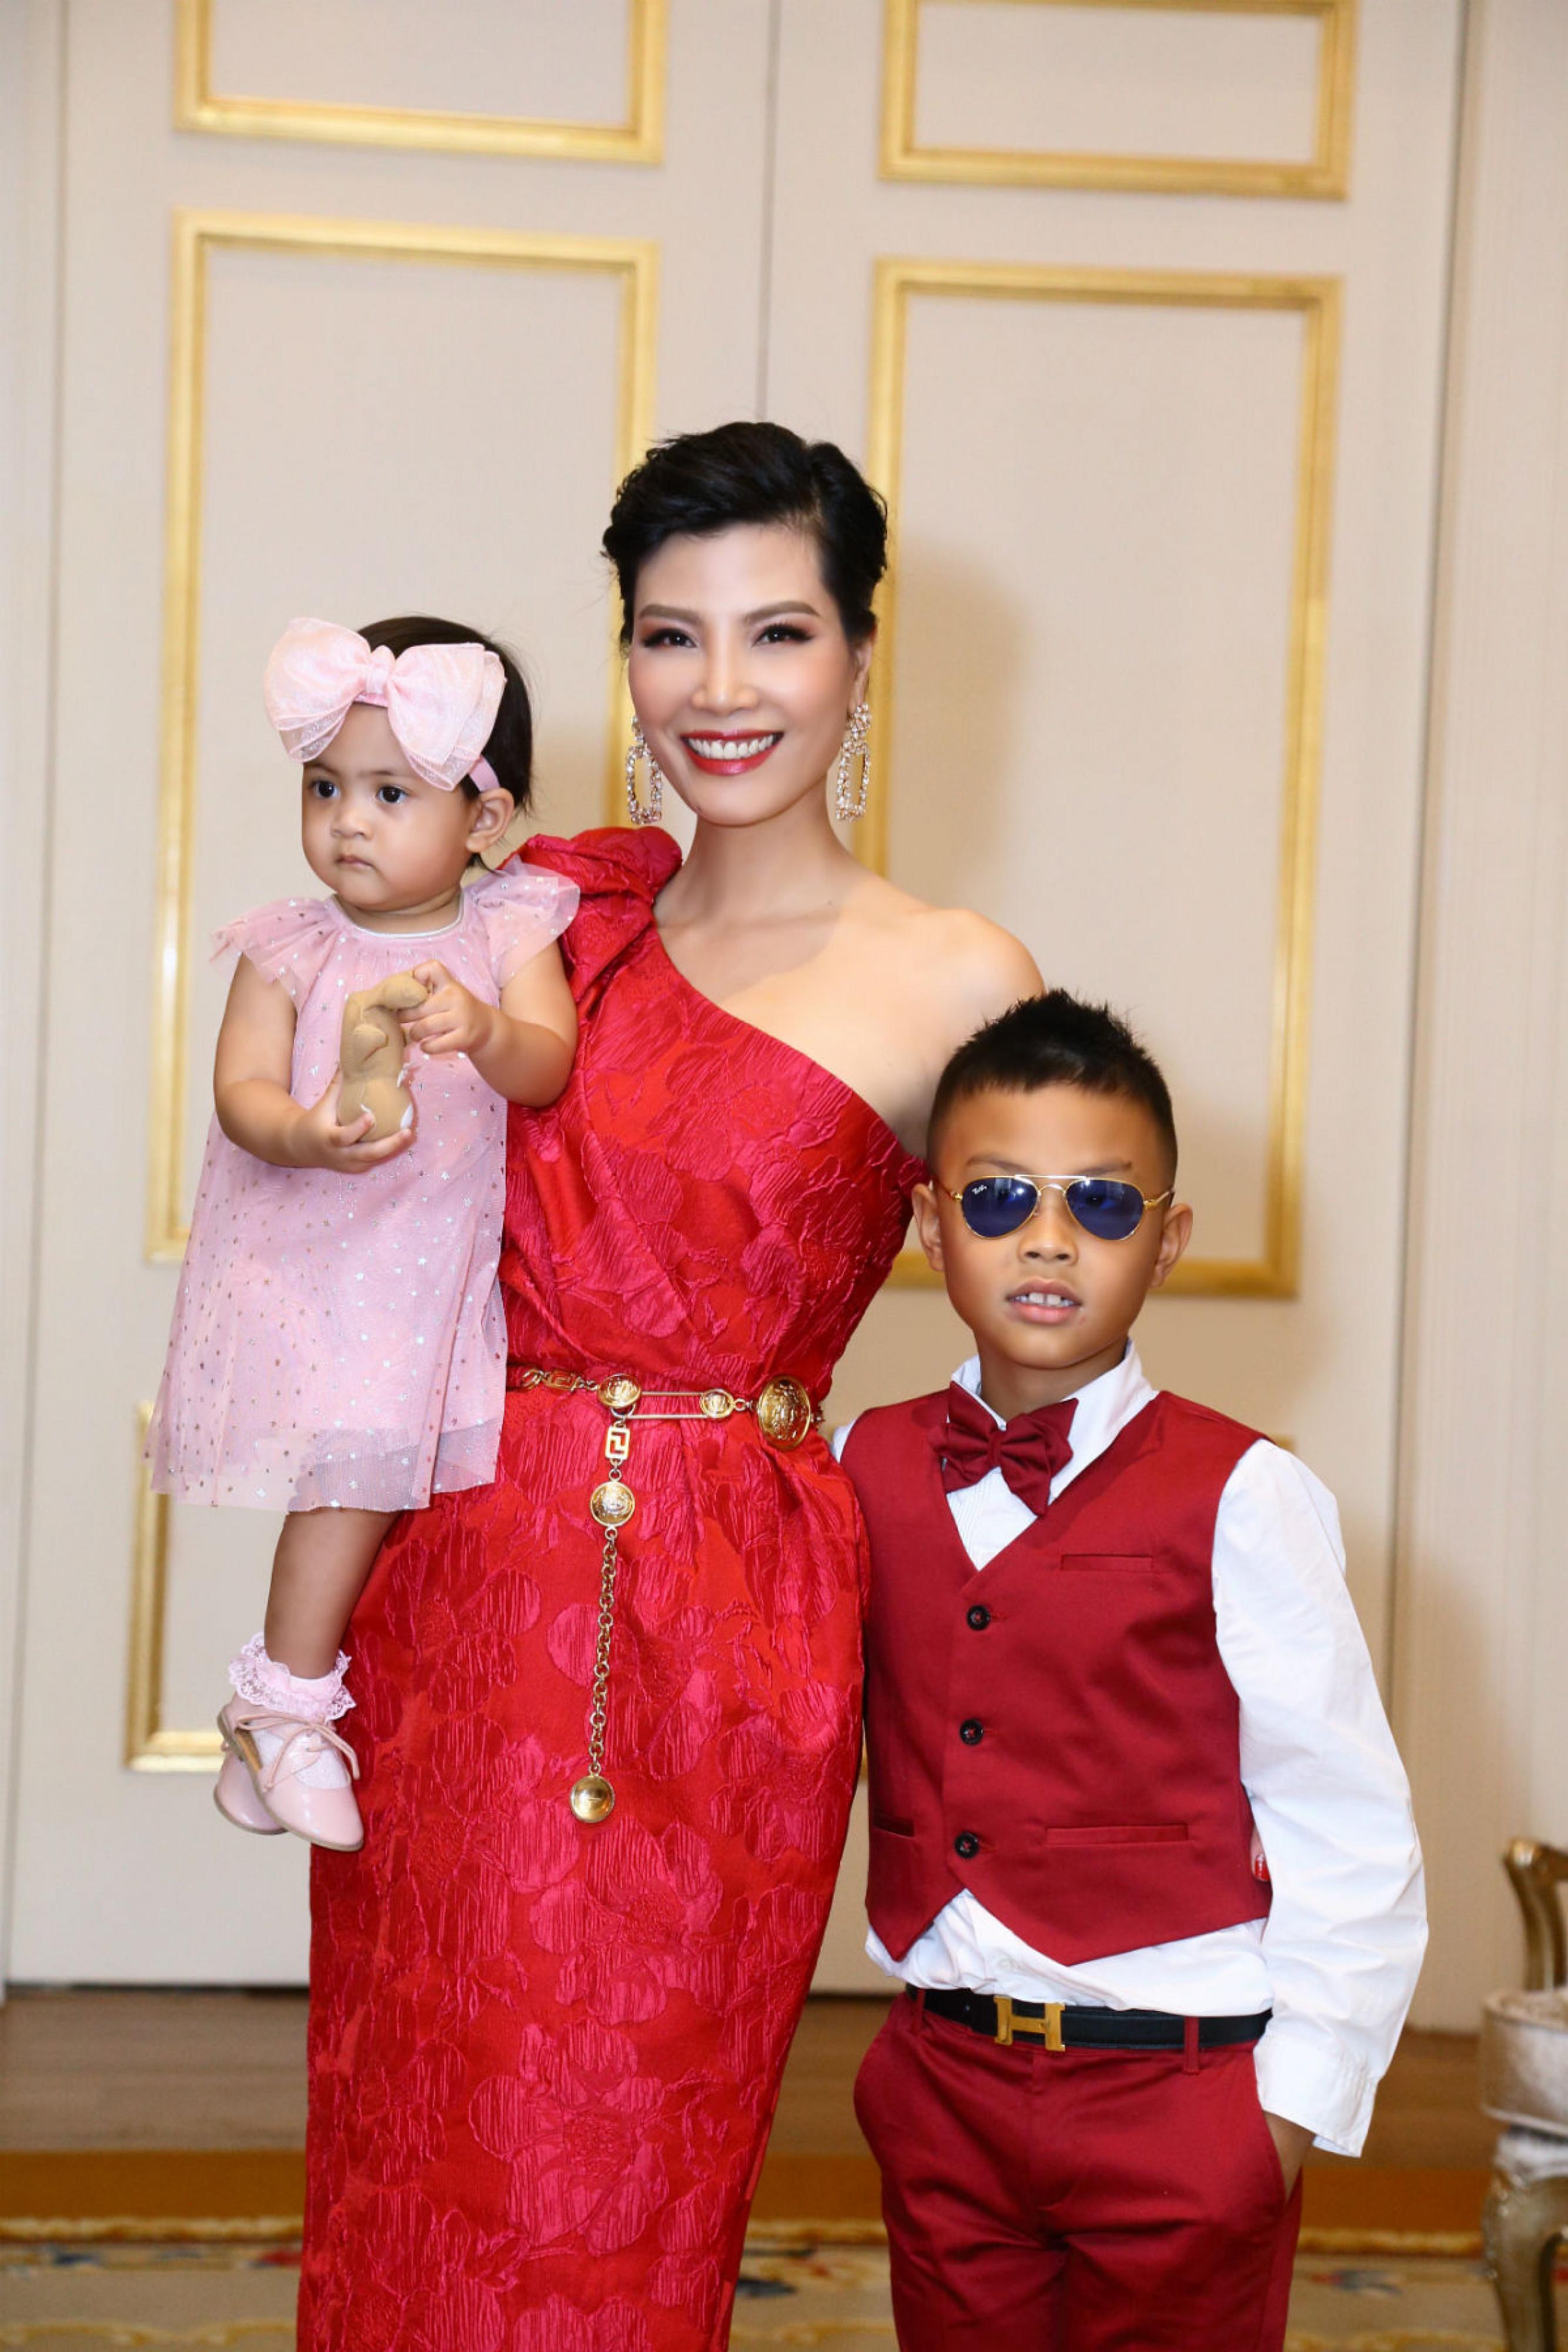 Ngoài bé Vi Anh vừa tròn 1 tuổi, con trai lớn của vợ chồng Vũ Cẩm Nhung năm nay đã lên 6. Cậu bé tên Nam Anh, khá ngoan ngoãn, vâng lời bố mẹ và rất yêu em gái.